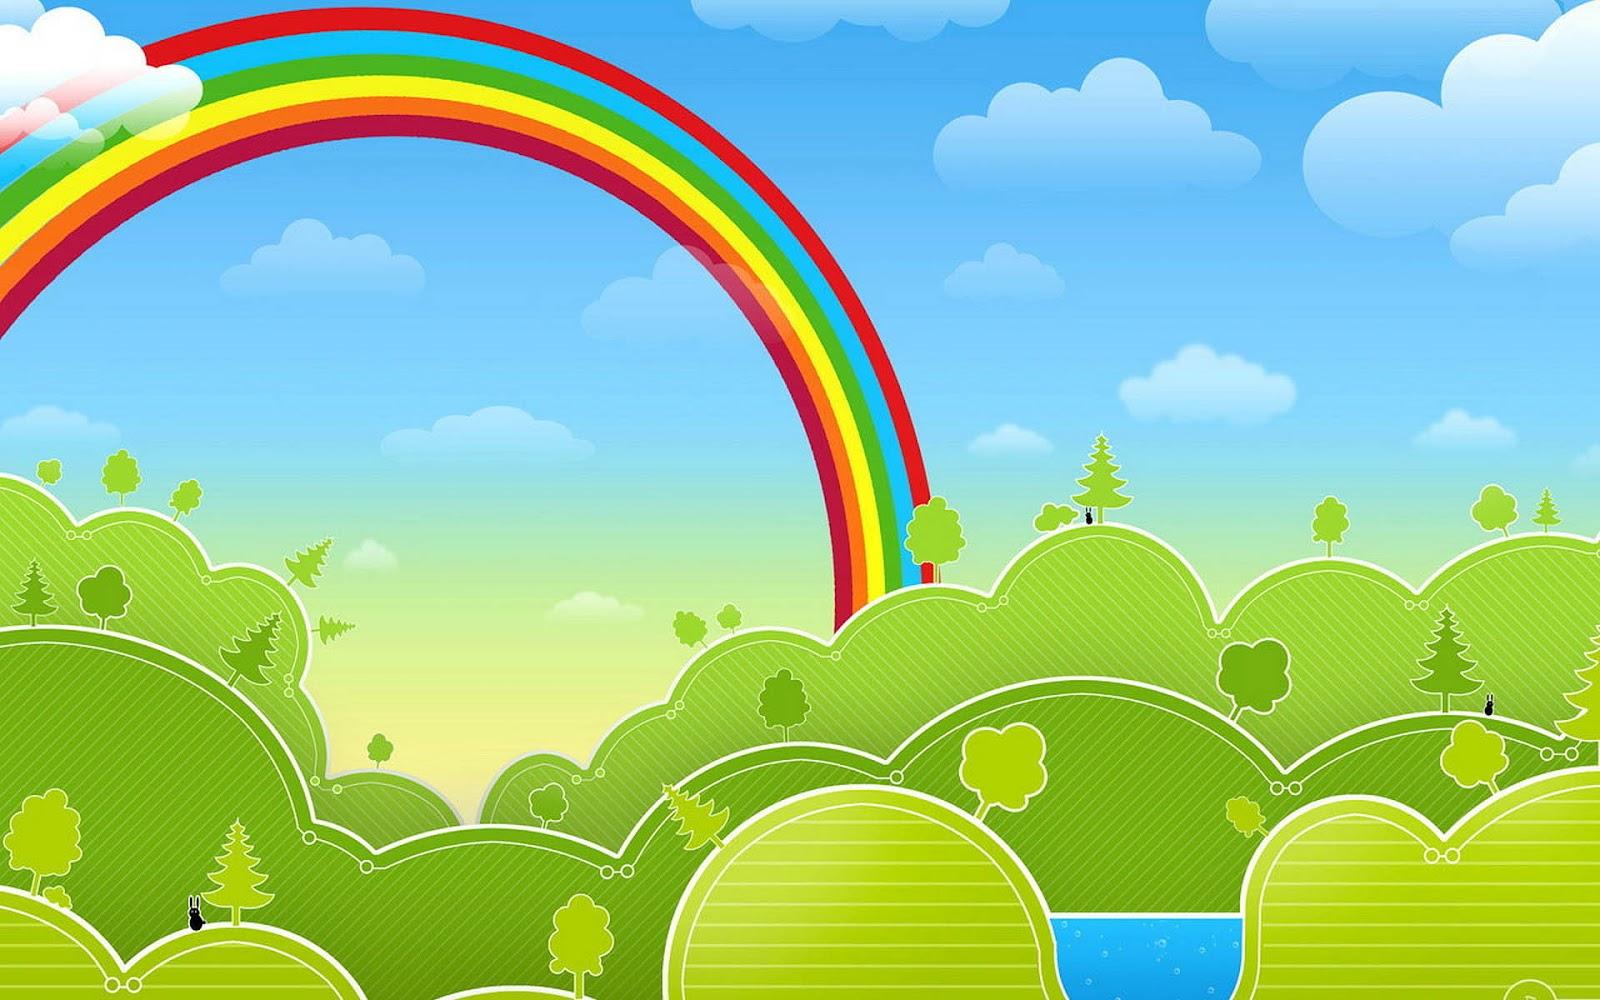 Smiley Full Hd Wallpaper And Achtergrond: 3D Achtergrond Met Een Regenboog